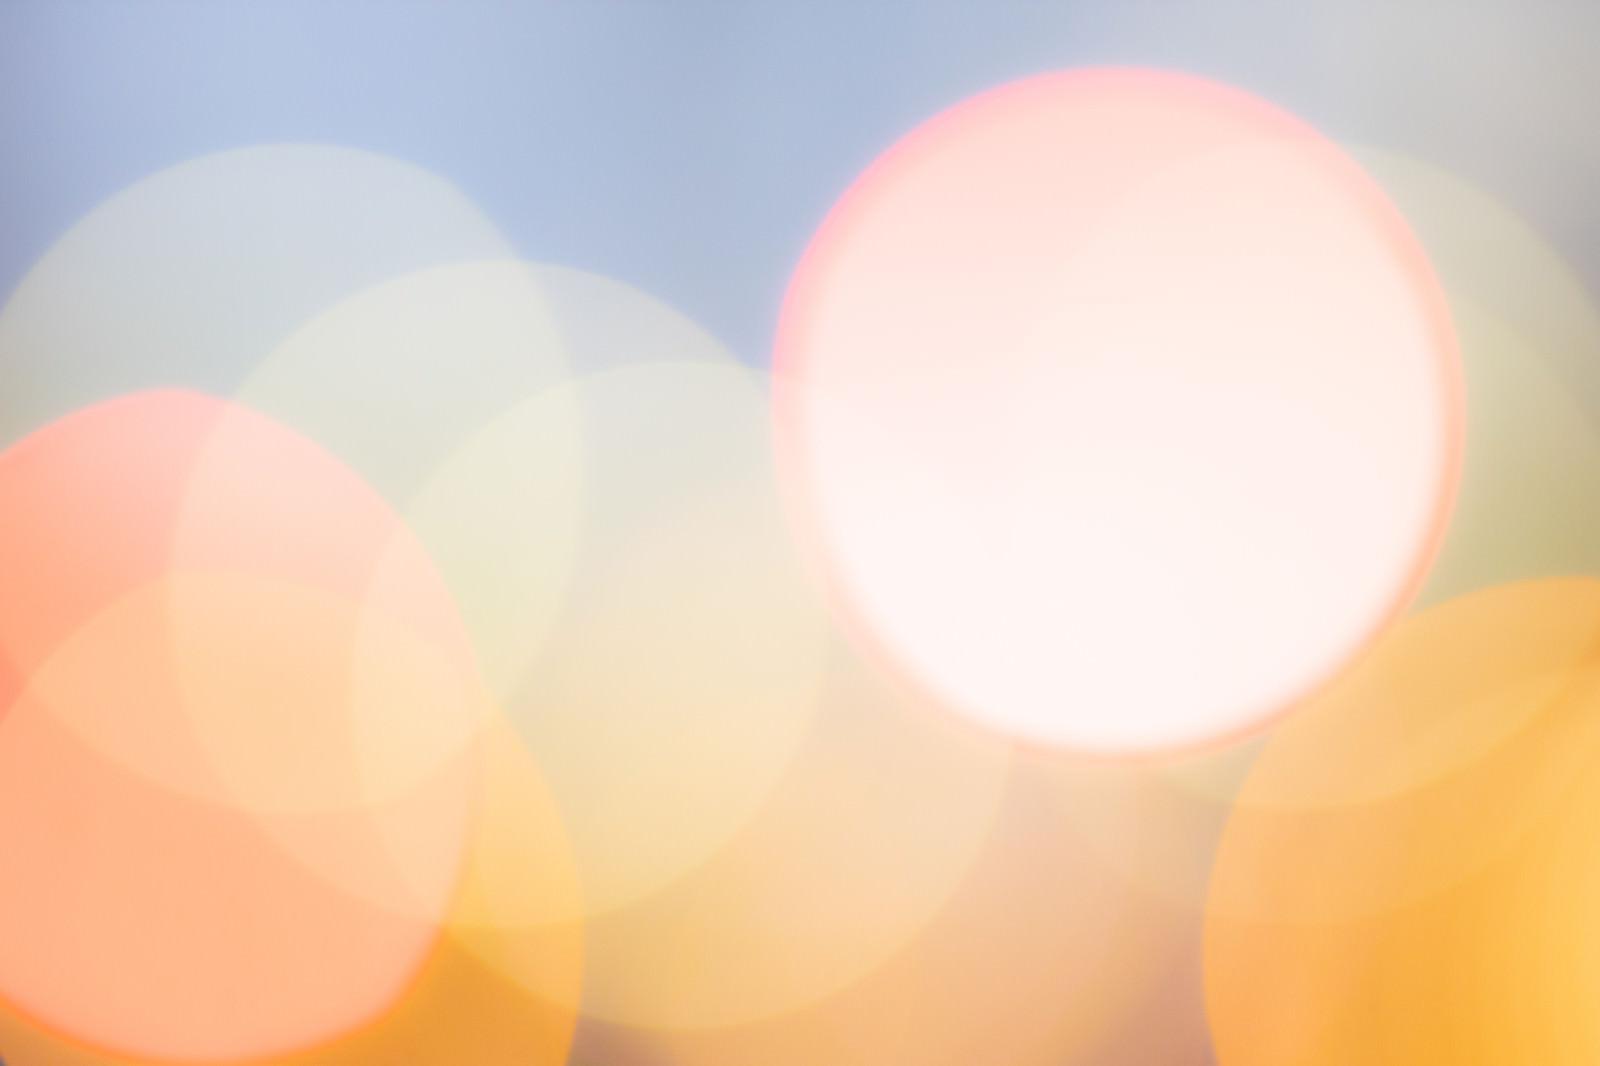 「光り輝く丸ボケ」の写真